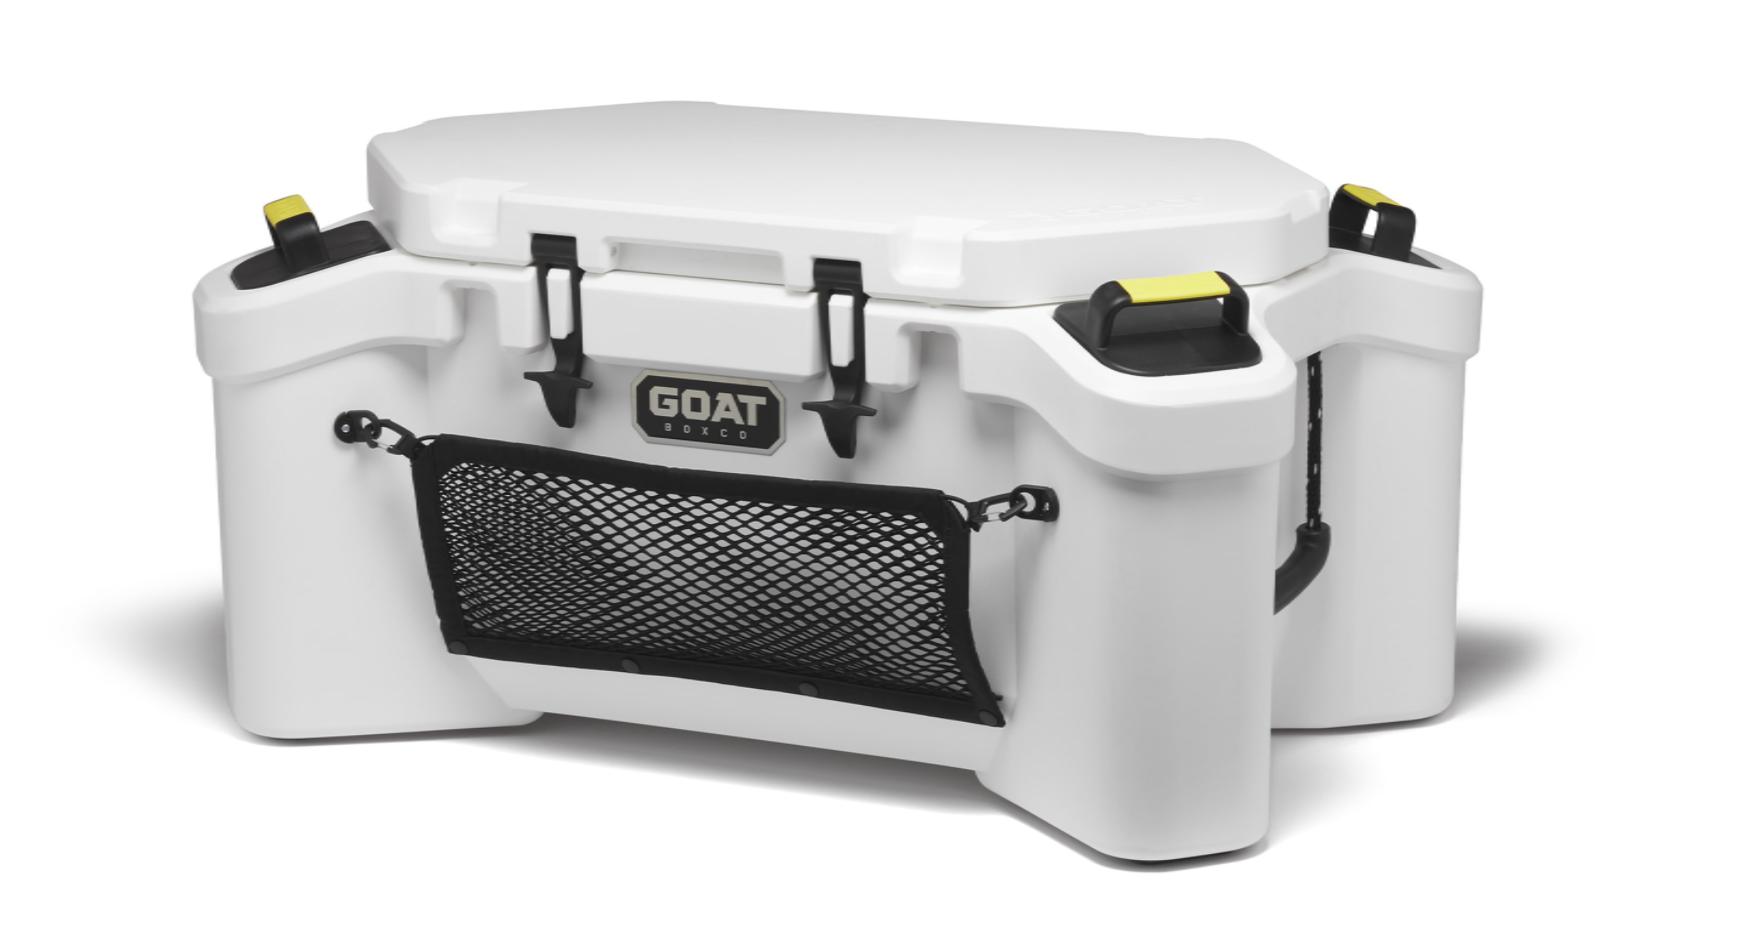 Goat Boxco Hub 70 Cooler System.